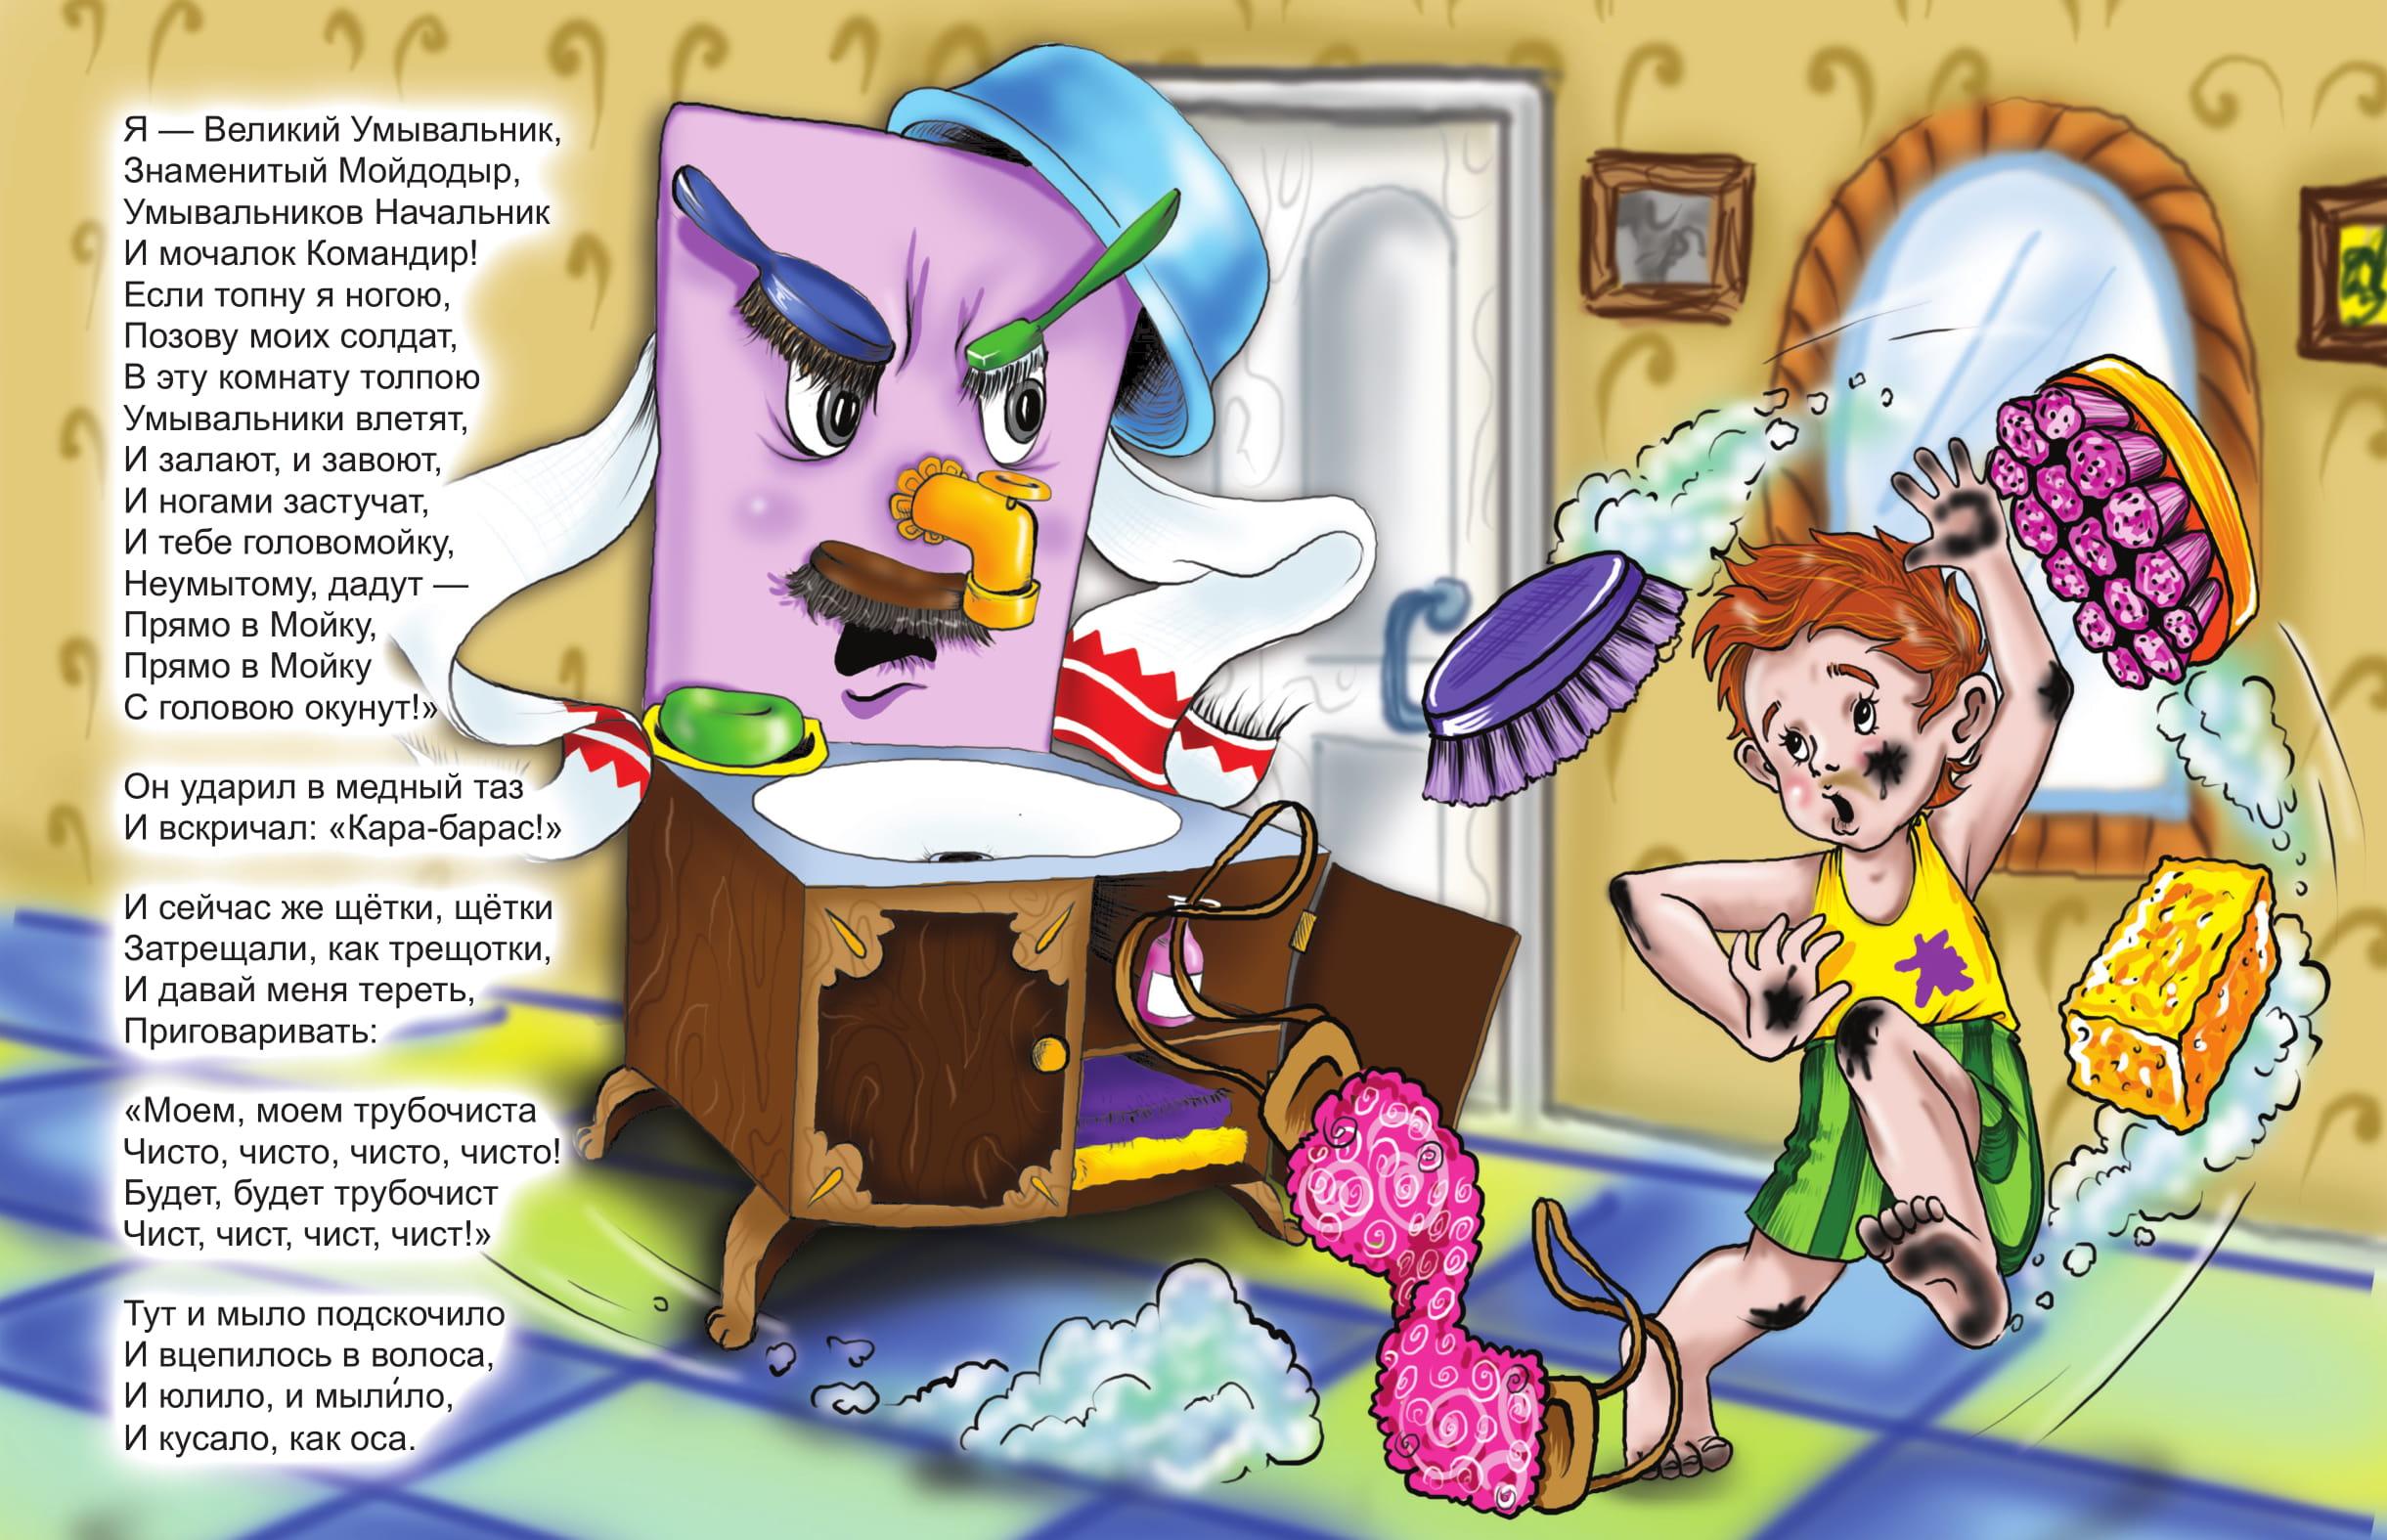 преступный мир картинки из сказки мойдодыр мыло заселились квартиру нового